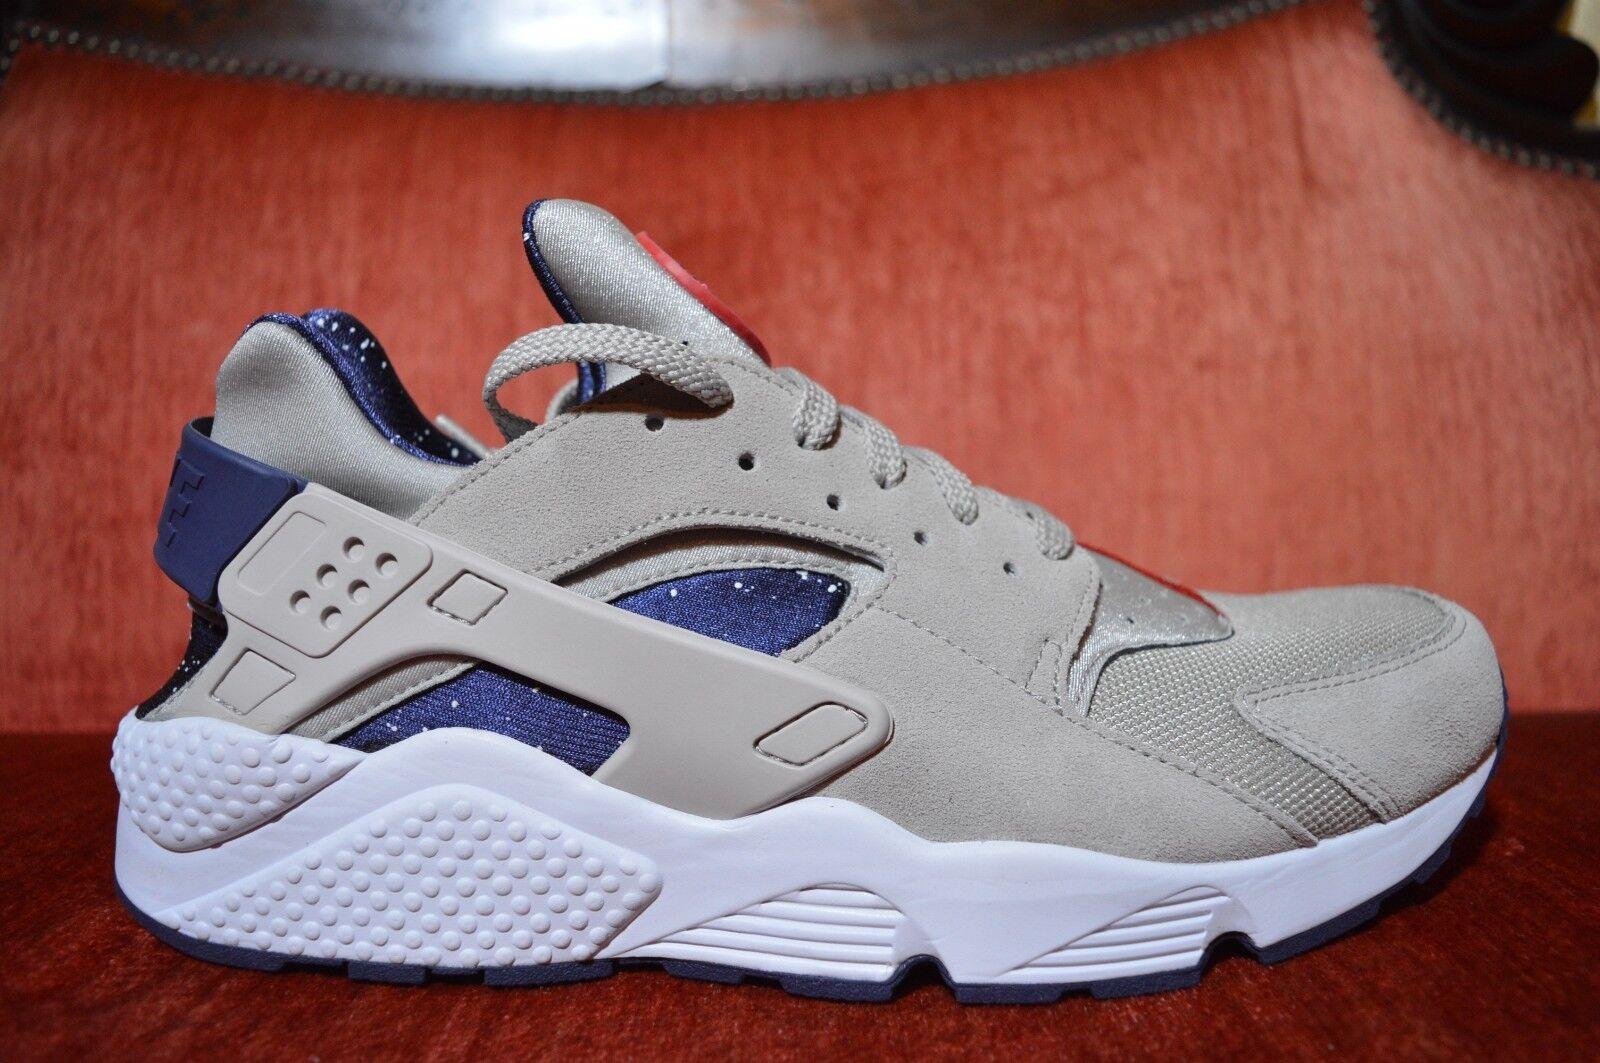 Nike Air Huarache Men's Moon Particle Neutral Indigo White AQ0553 200 Size 13